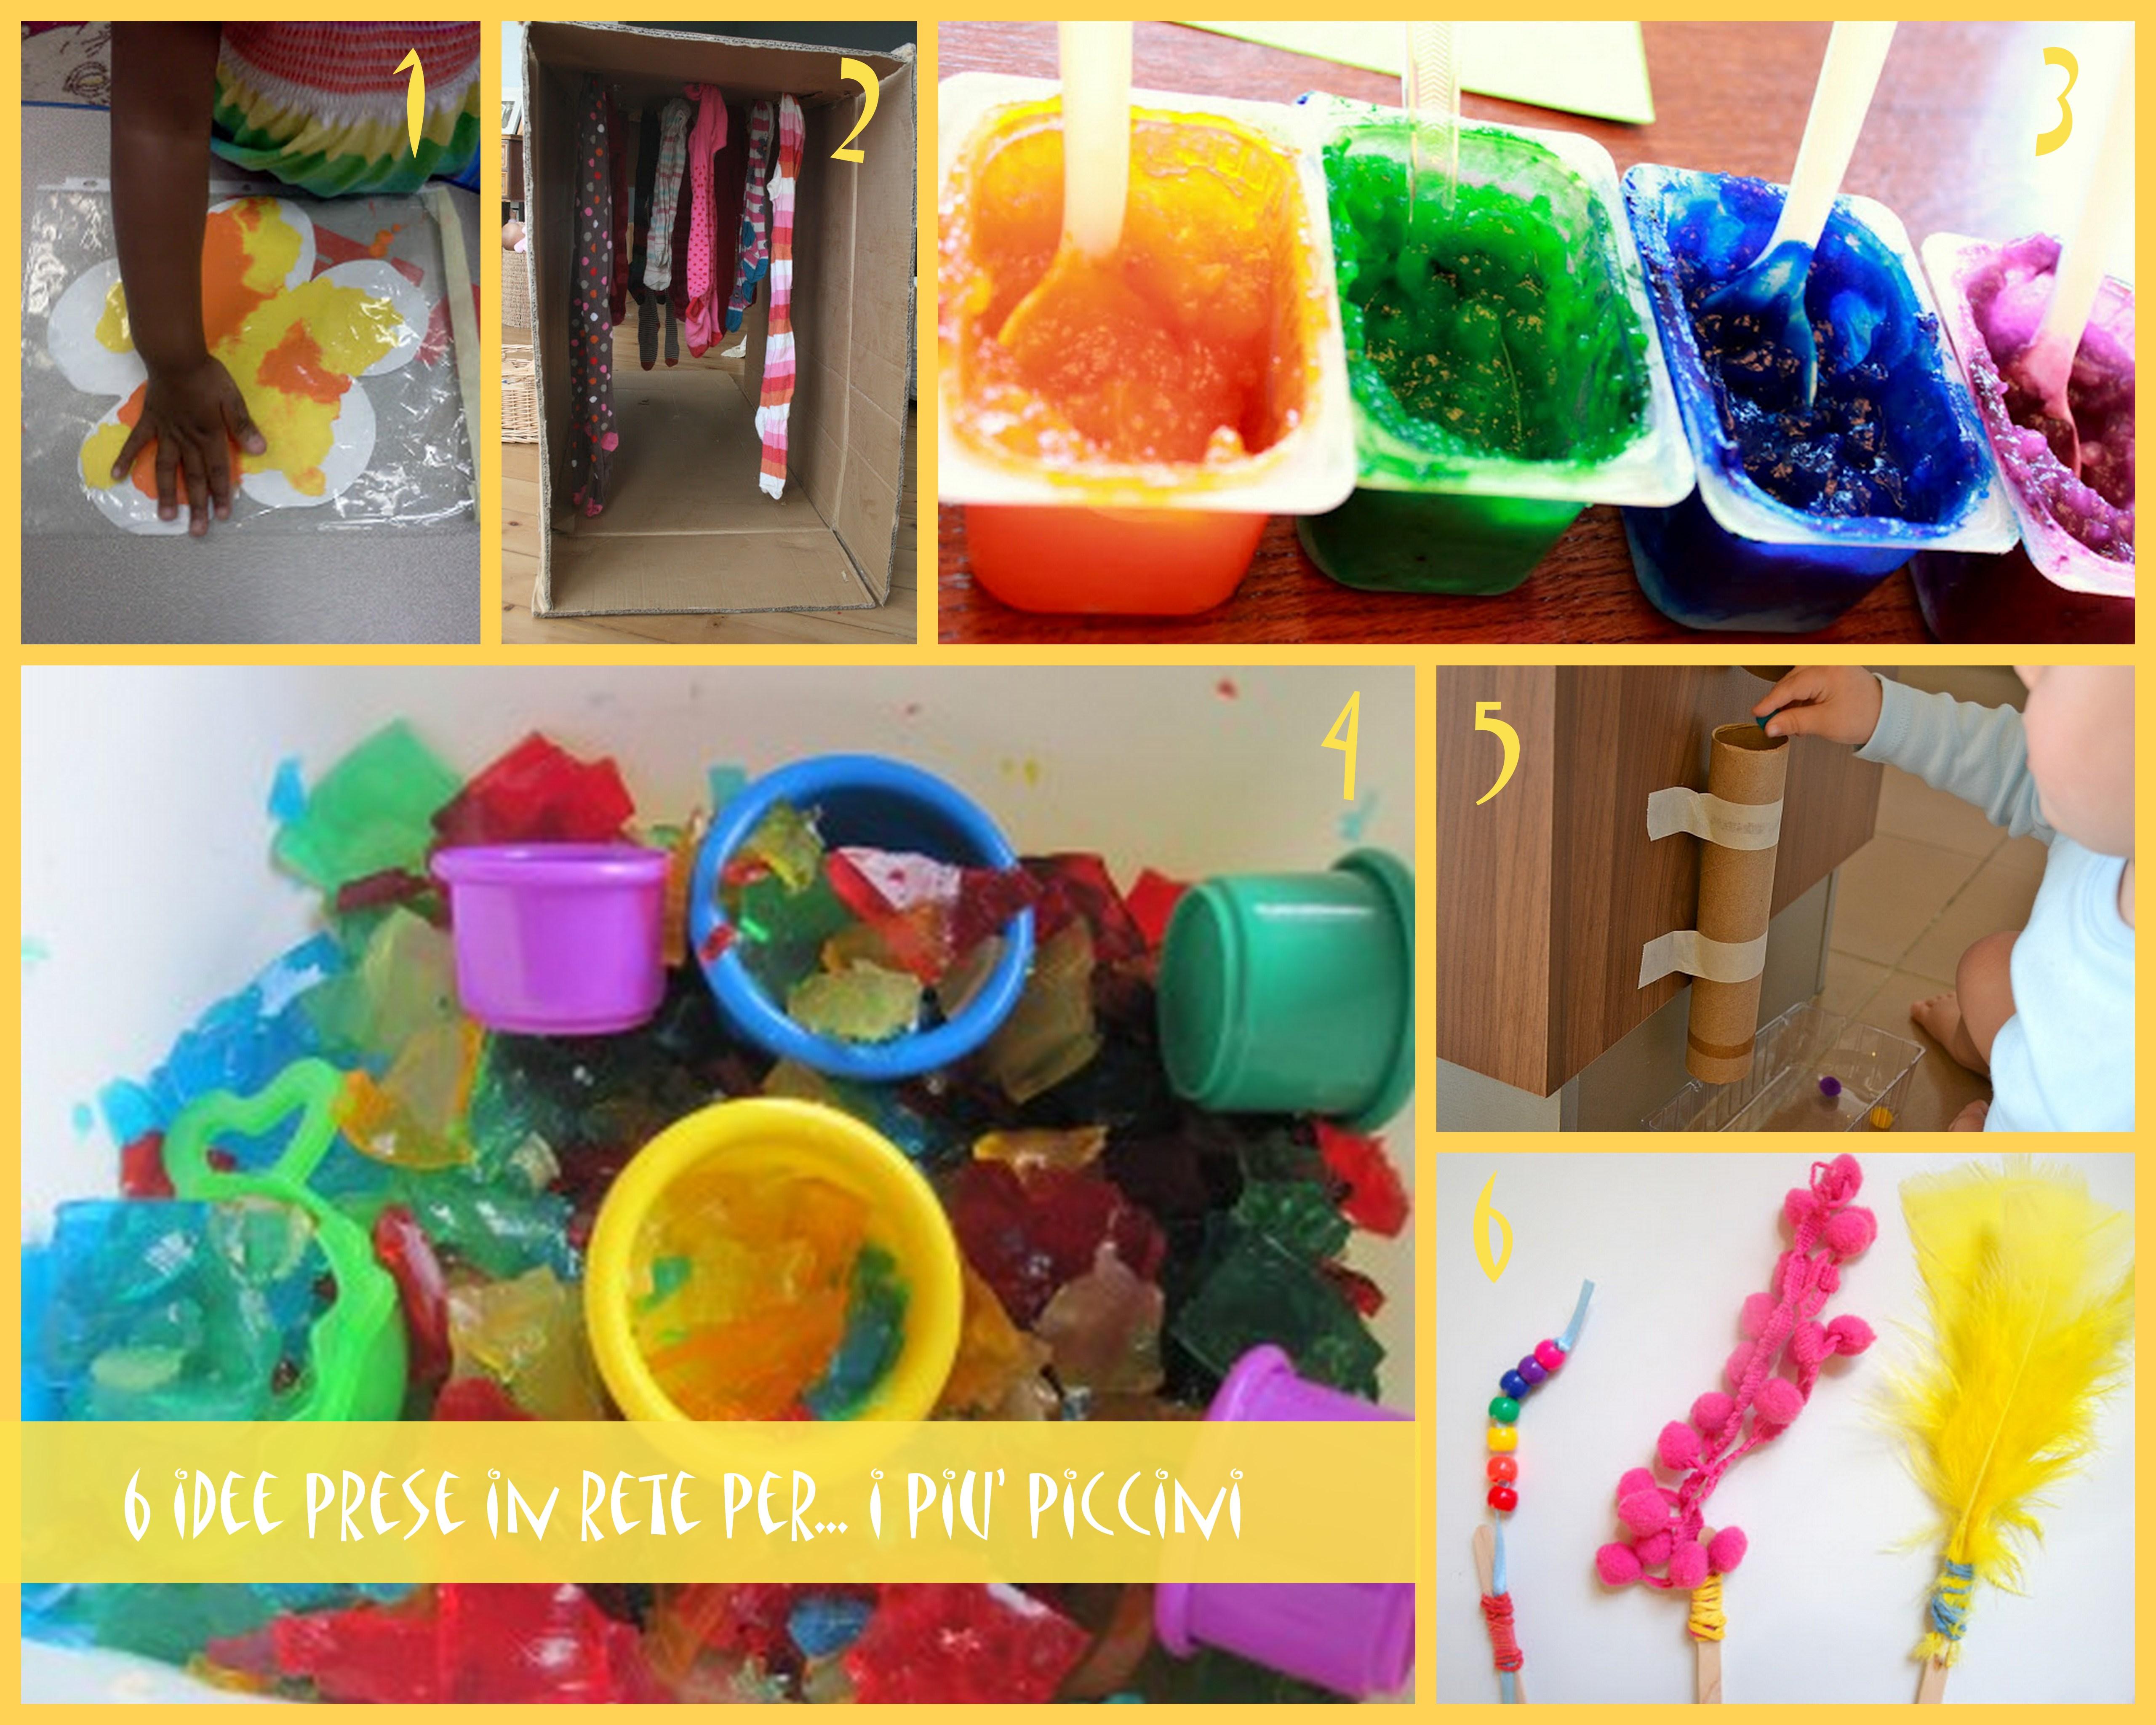 Giochi ed attviit per bambini piccoli - Immagini di tacchini a colori ...